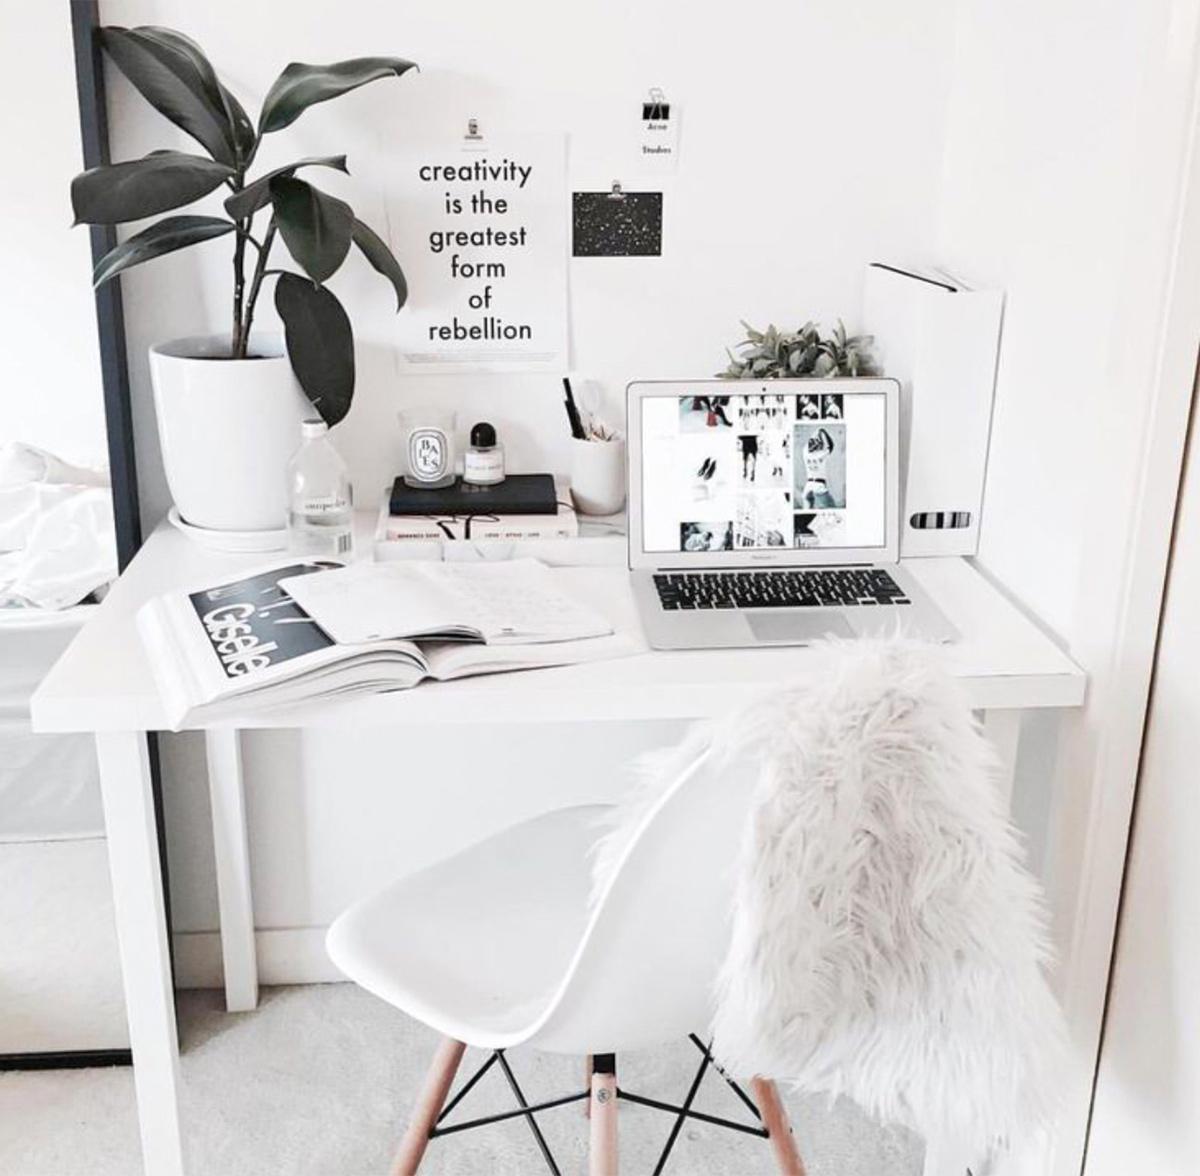 trang trí màu trắng cho căn nhà thêm xinh